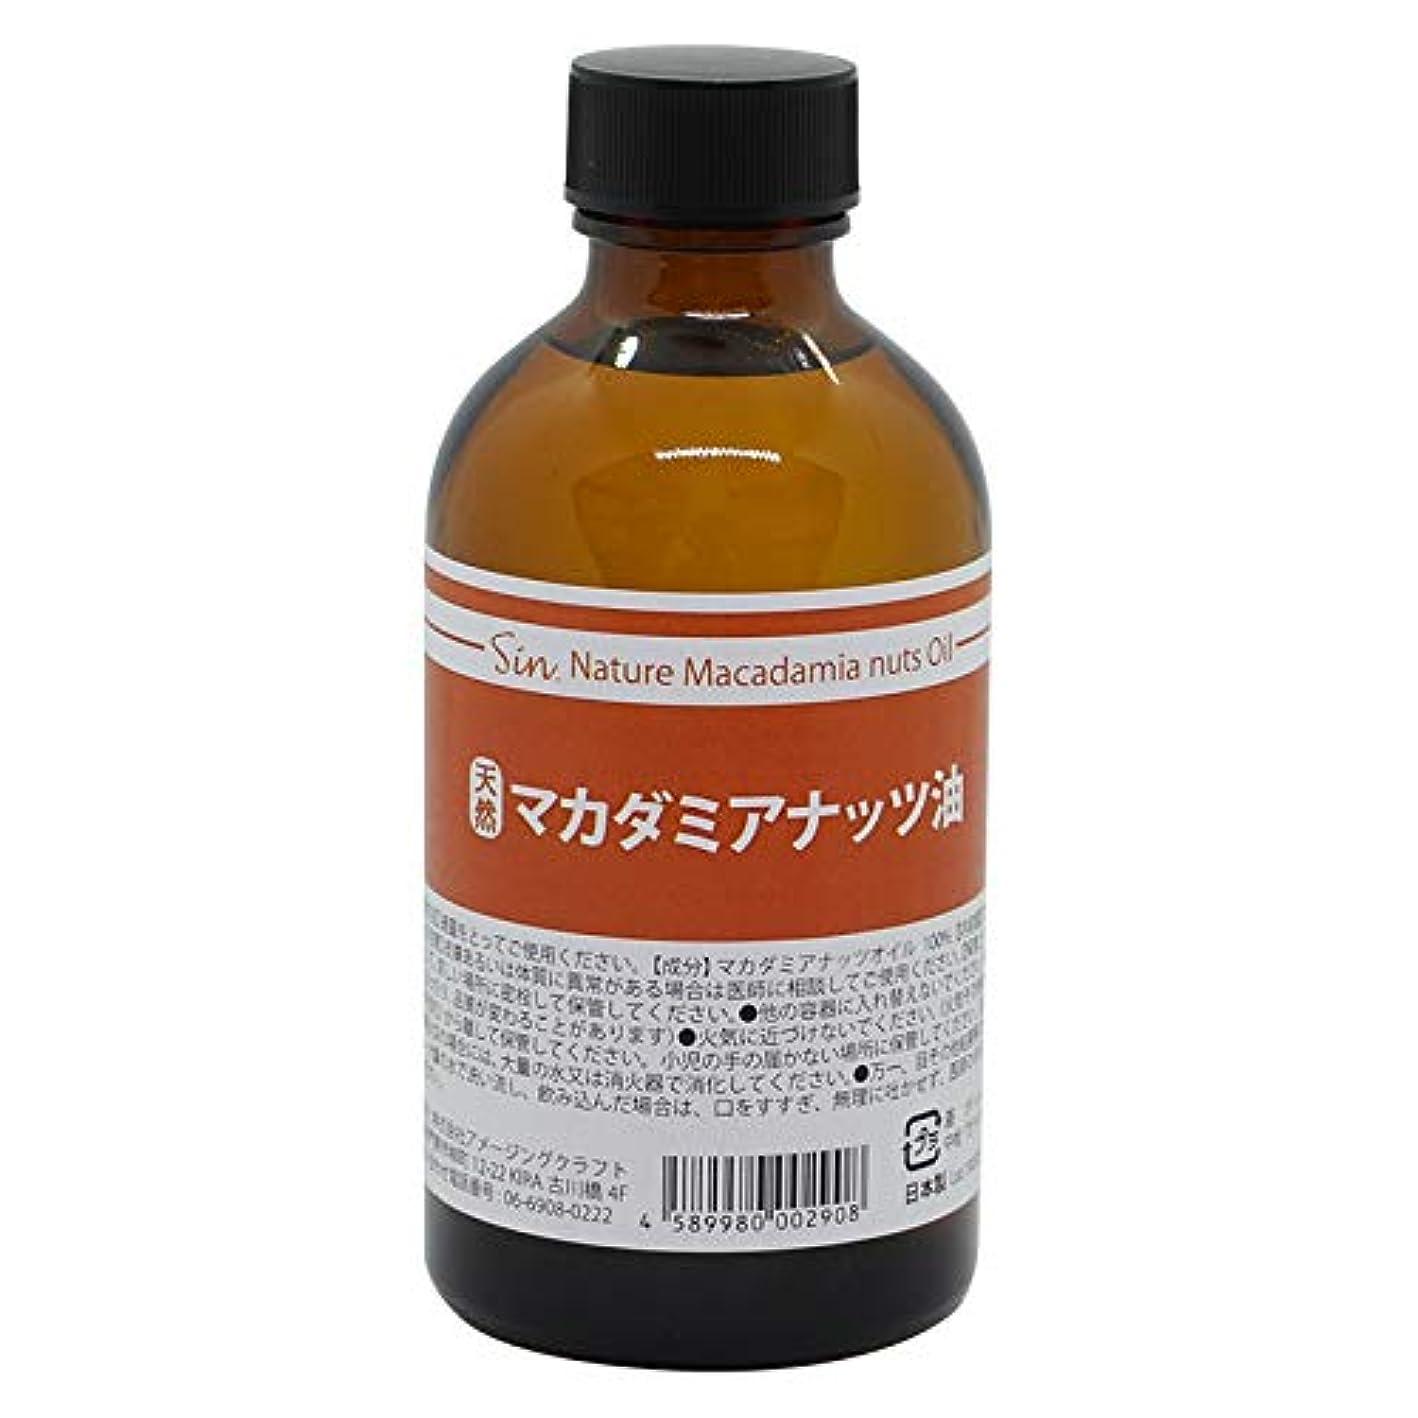 尊厳ジム手つかずの天然無添加 国内精製 マカダミアナッツオイル 200ml